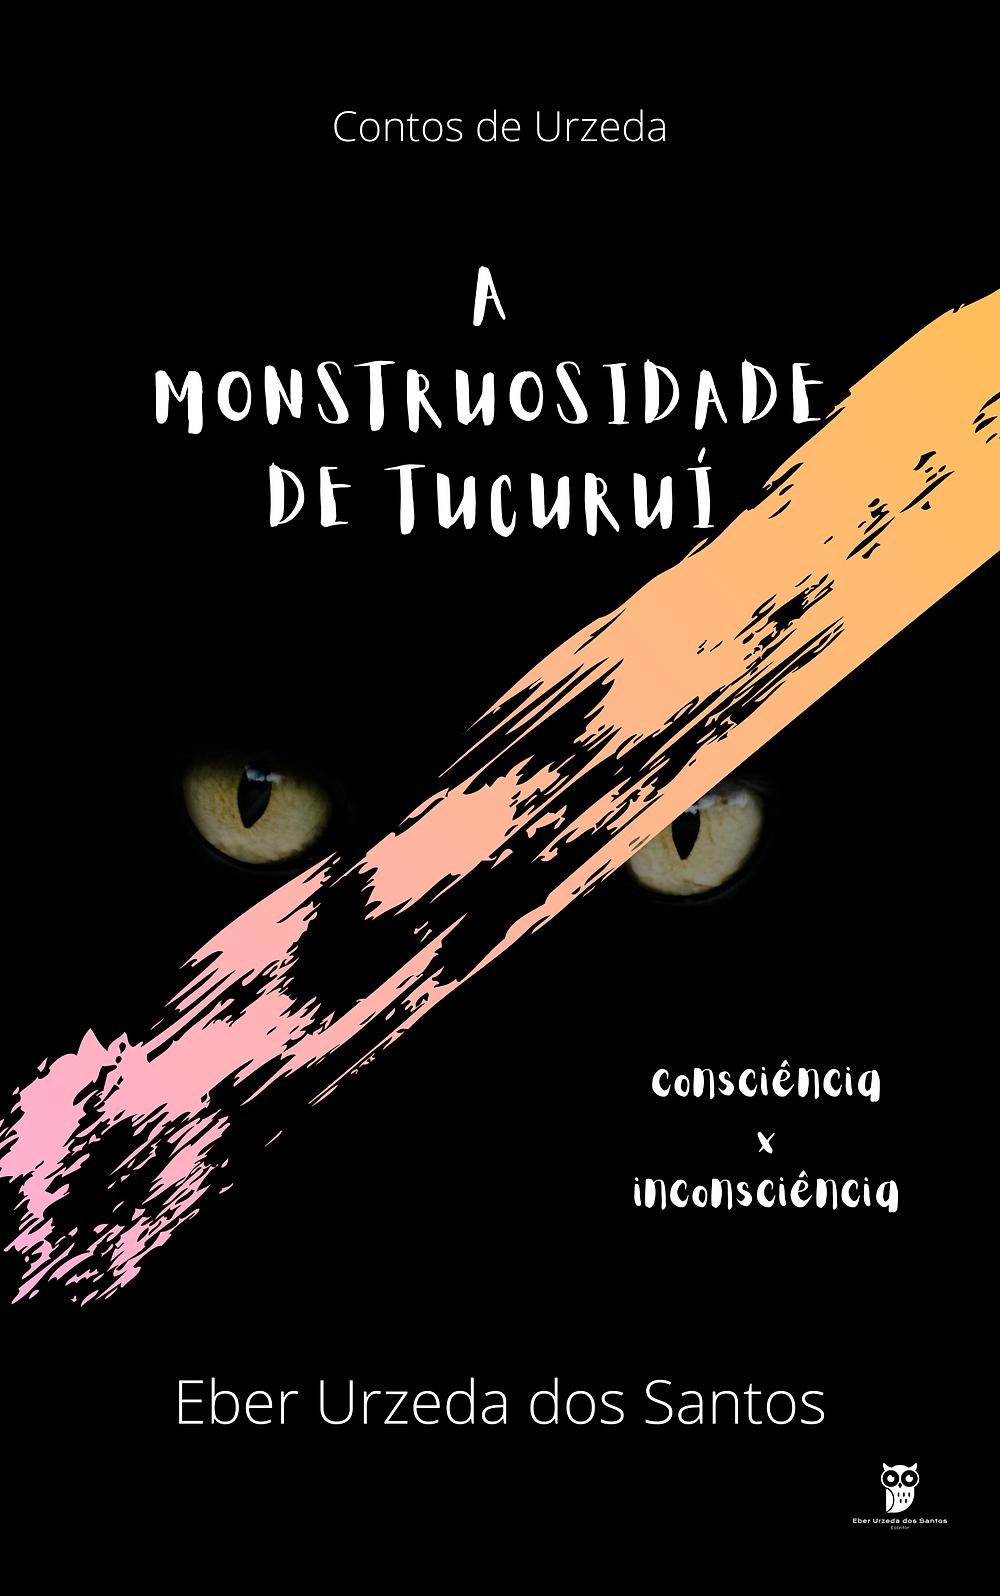 Contos de Urzeda, por Eber Urzeda dos Santos